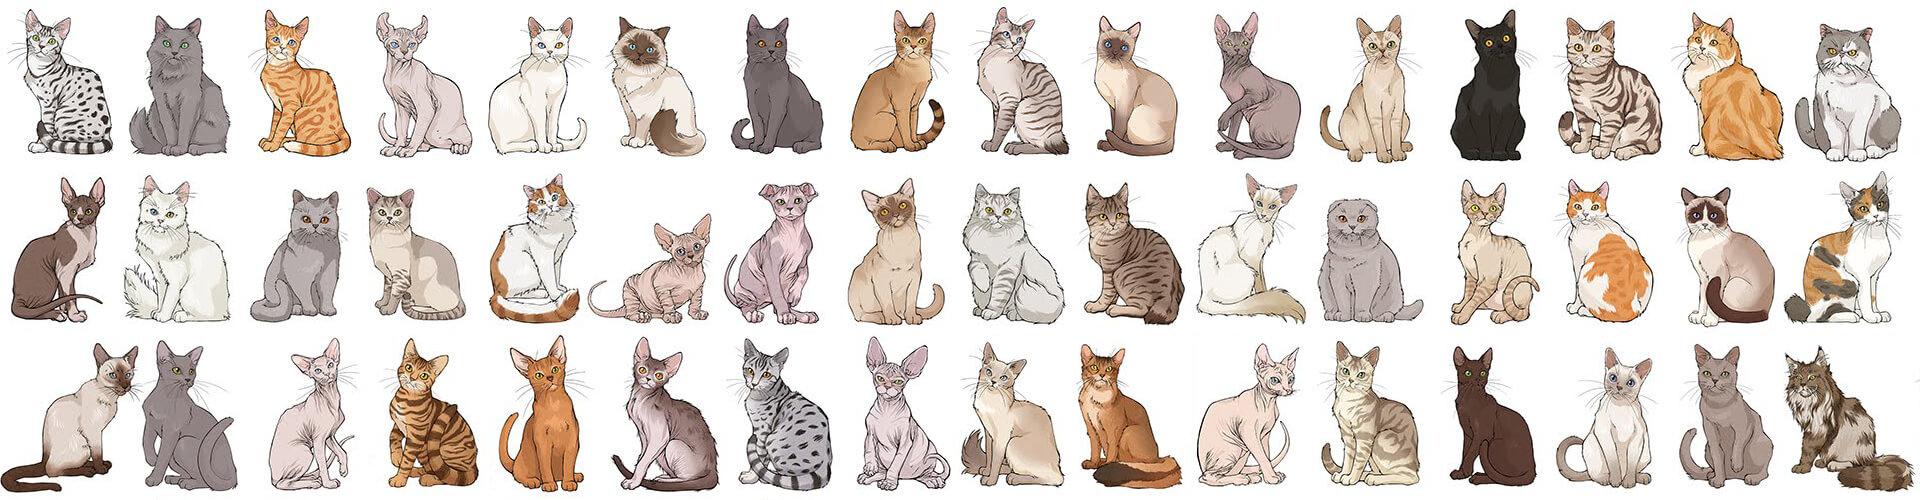 Tüm Kedi Cinsleri